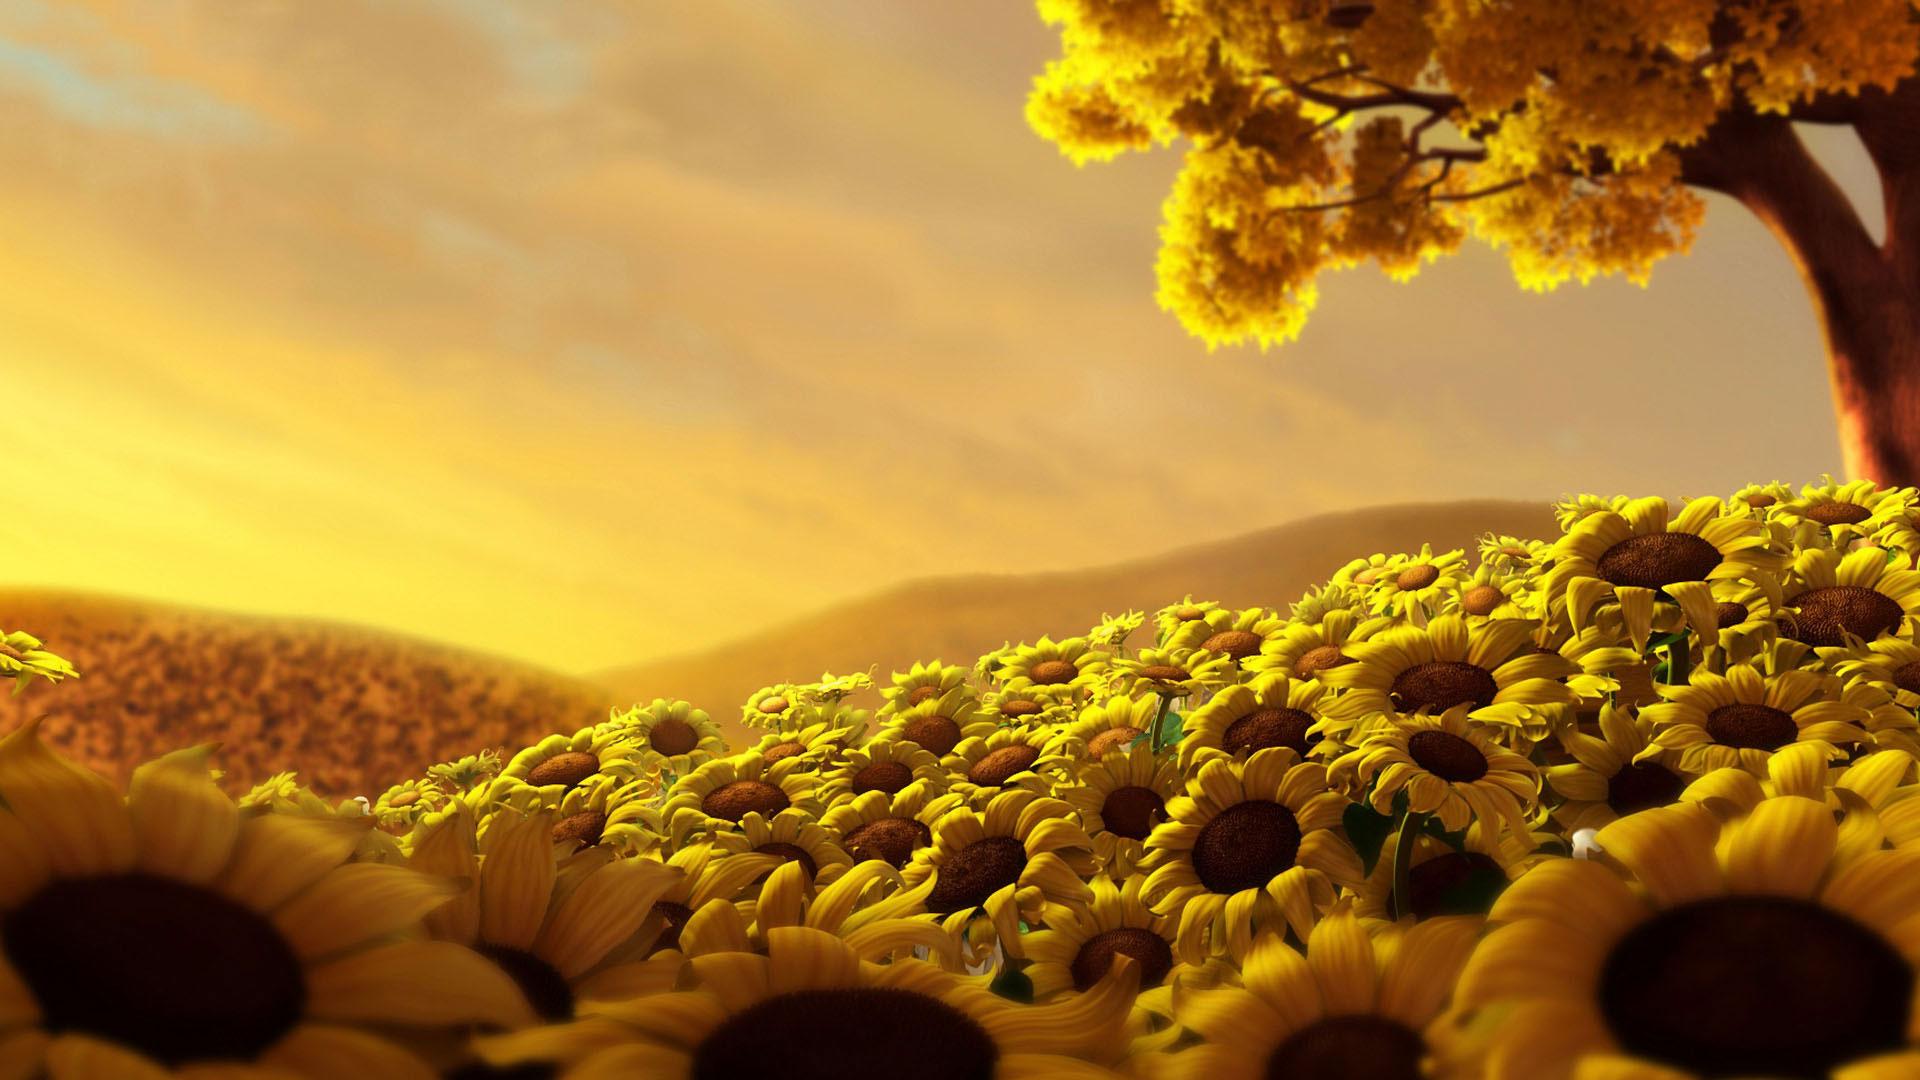 Ảnh nền HD cánh đồng hoa hướng dương